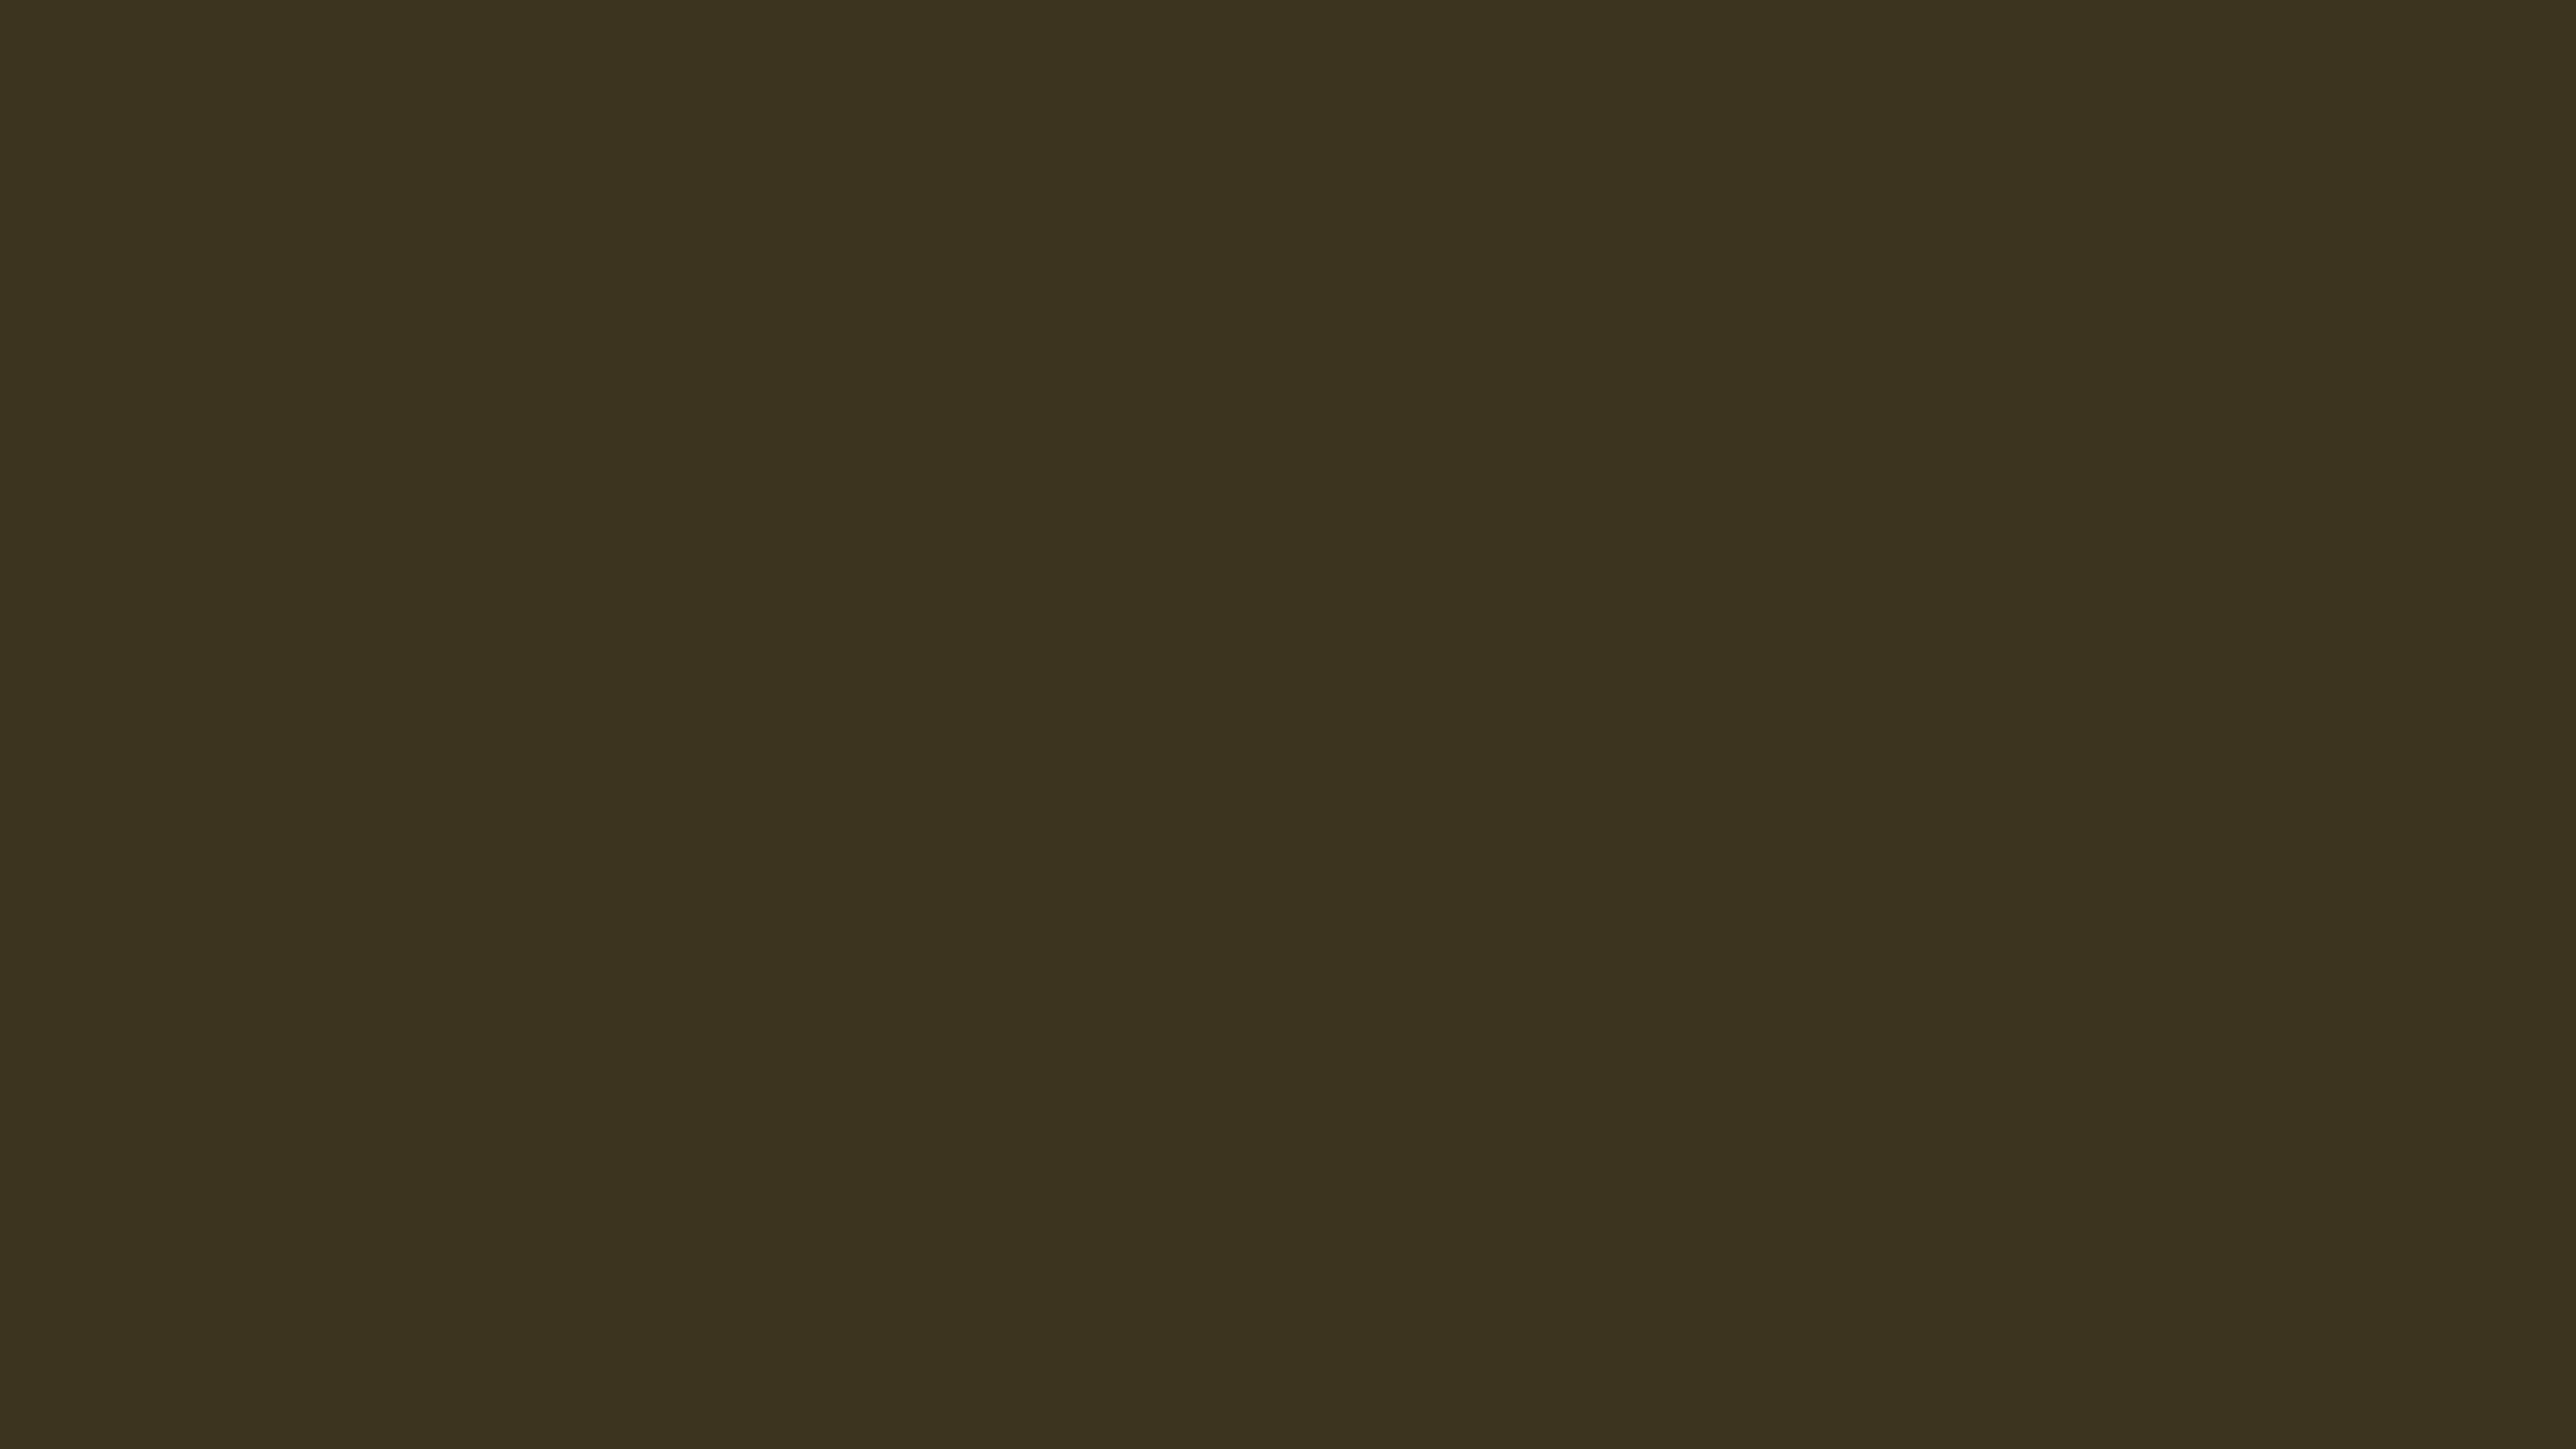 7680x4320 Olive Drab Number Seven Solid Color Background